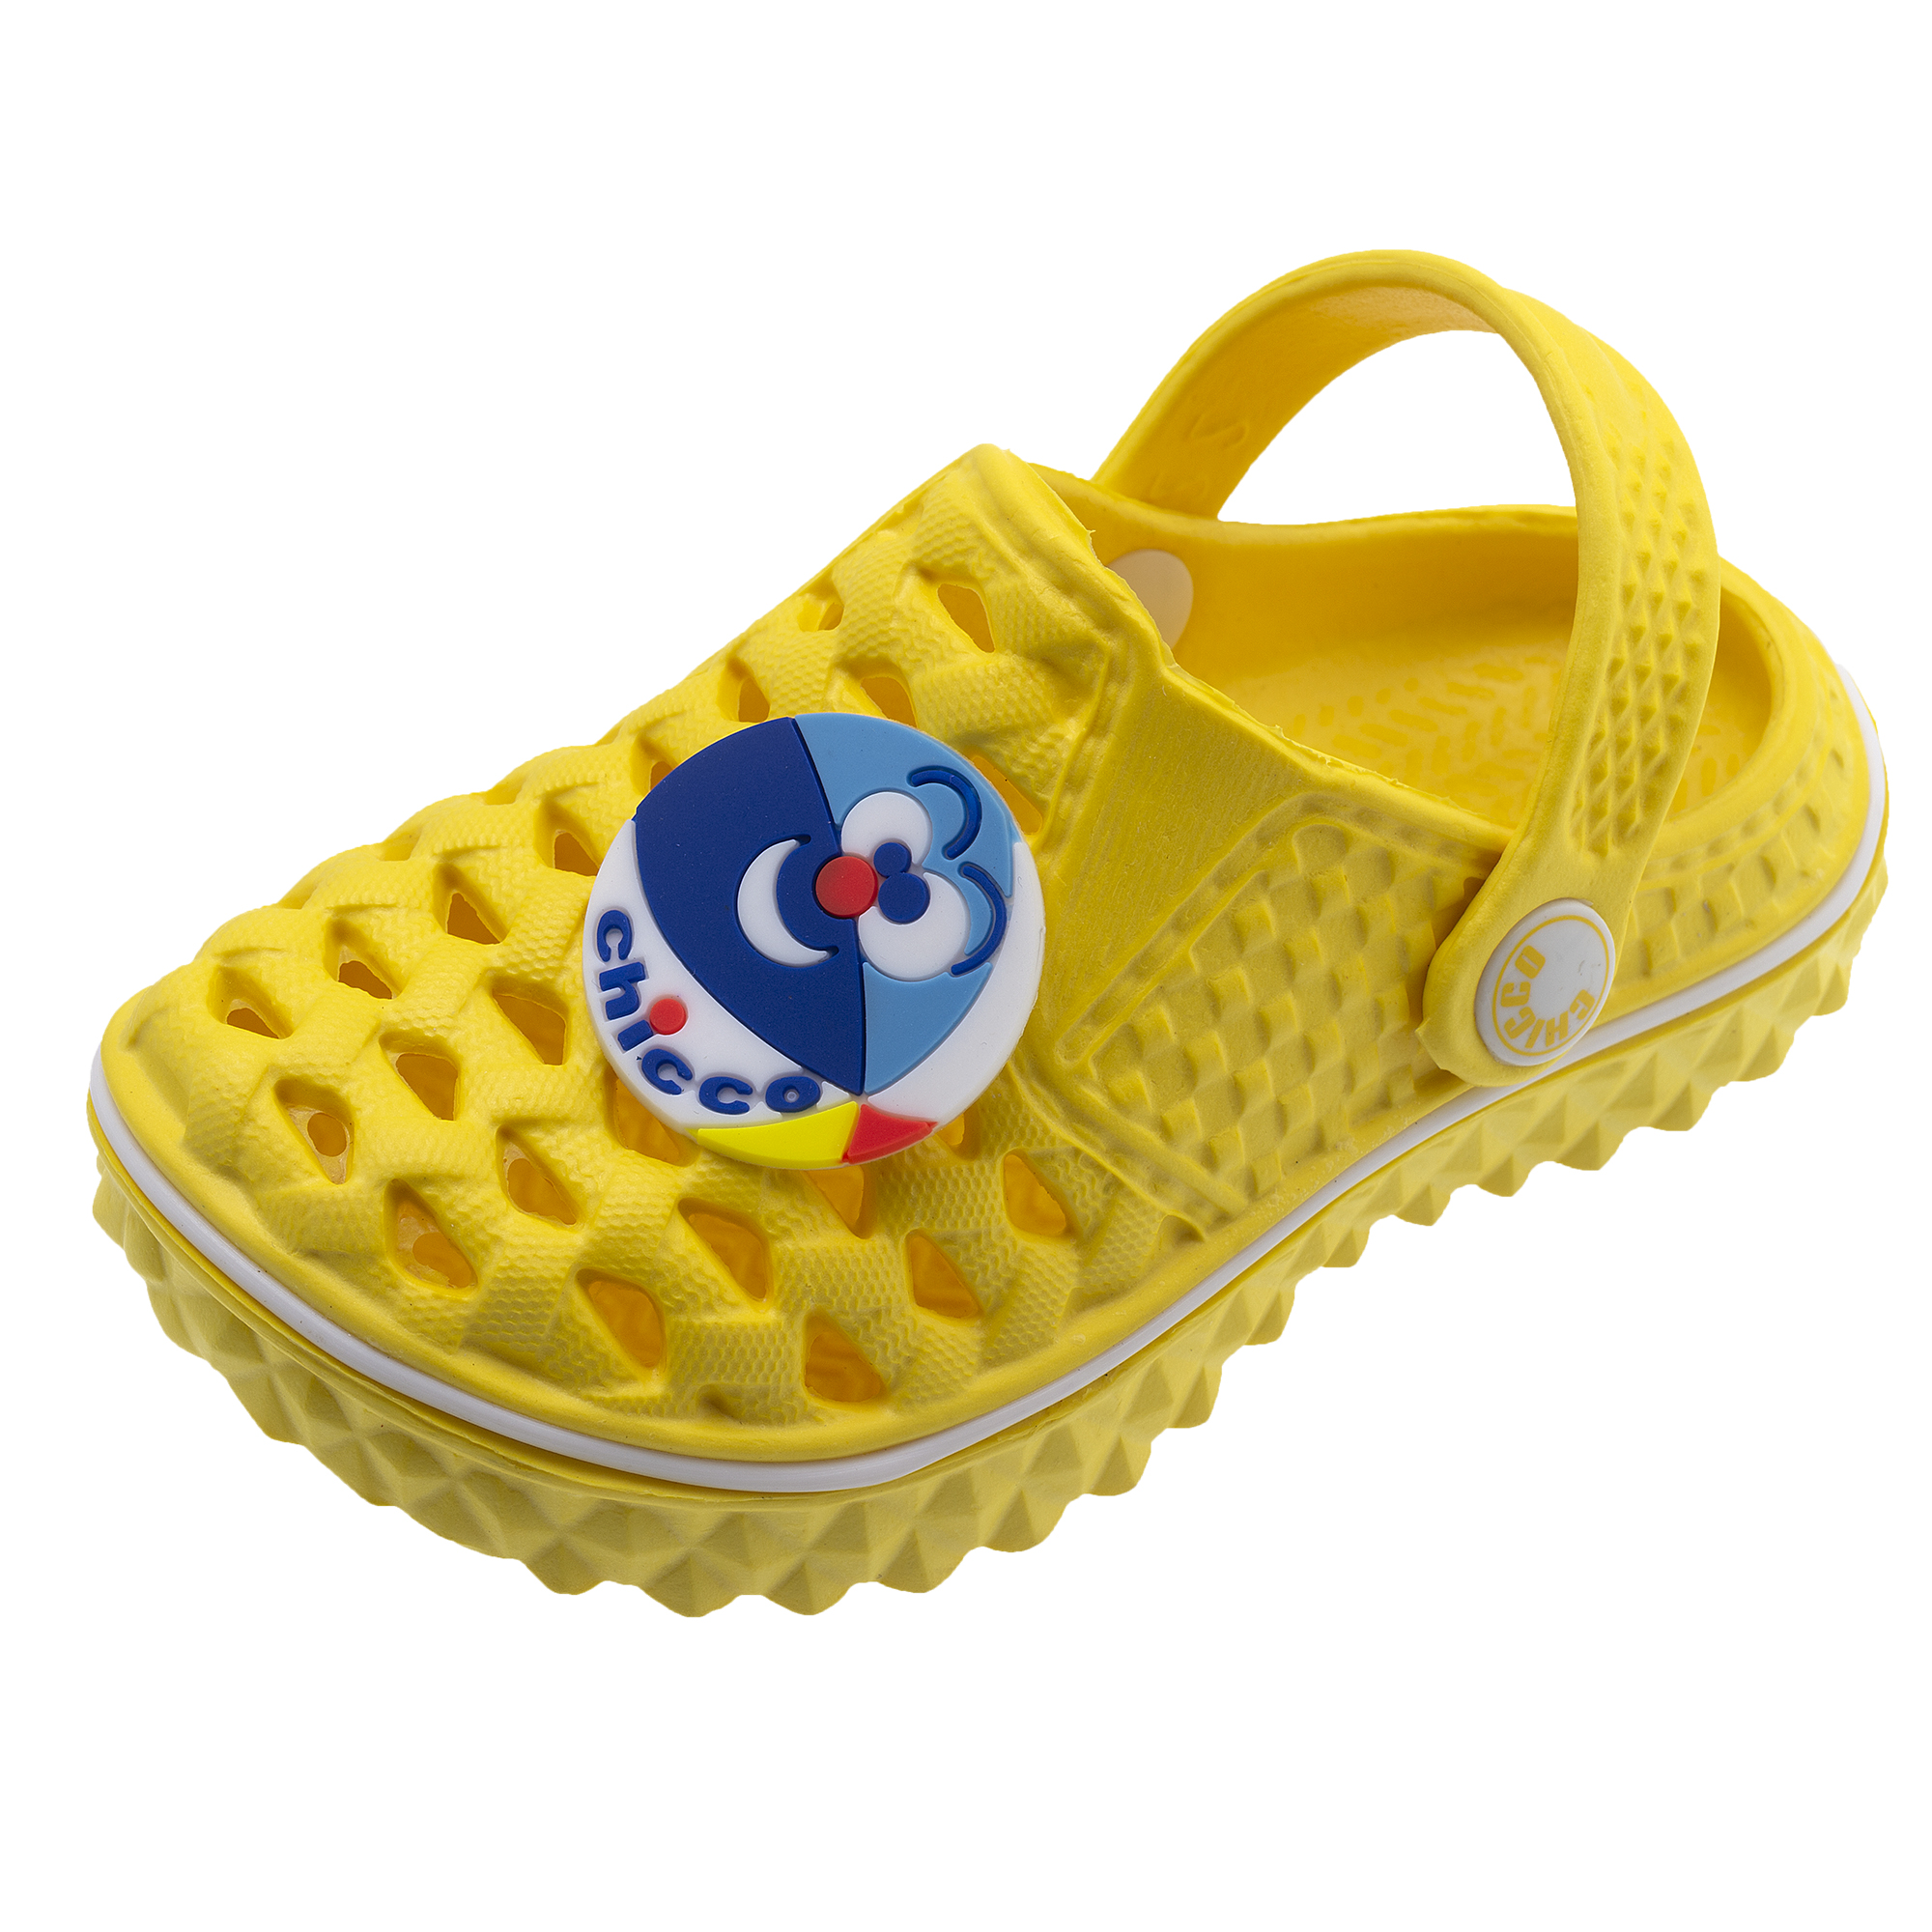 Papuci Copii Chicco, Bareta, Galben, 61751 imagine